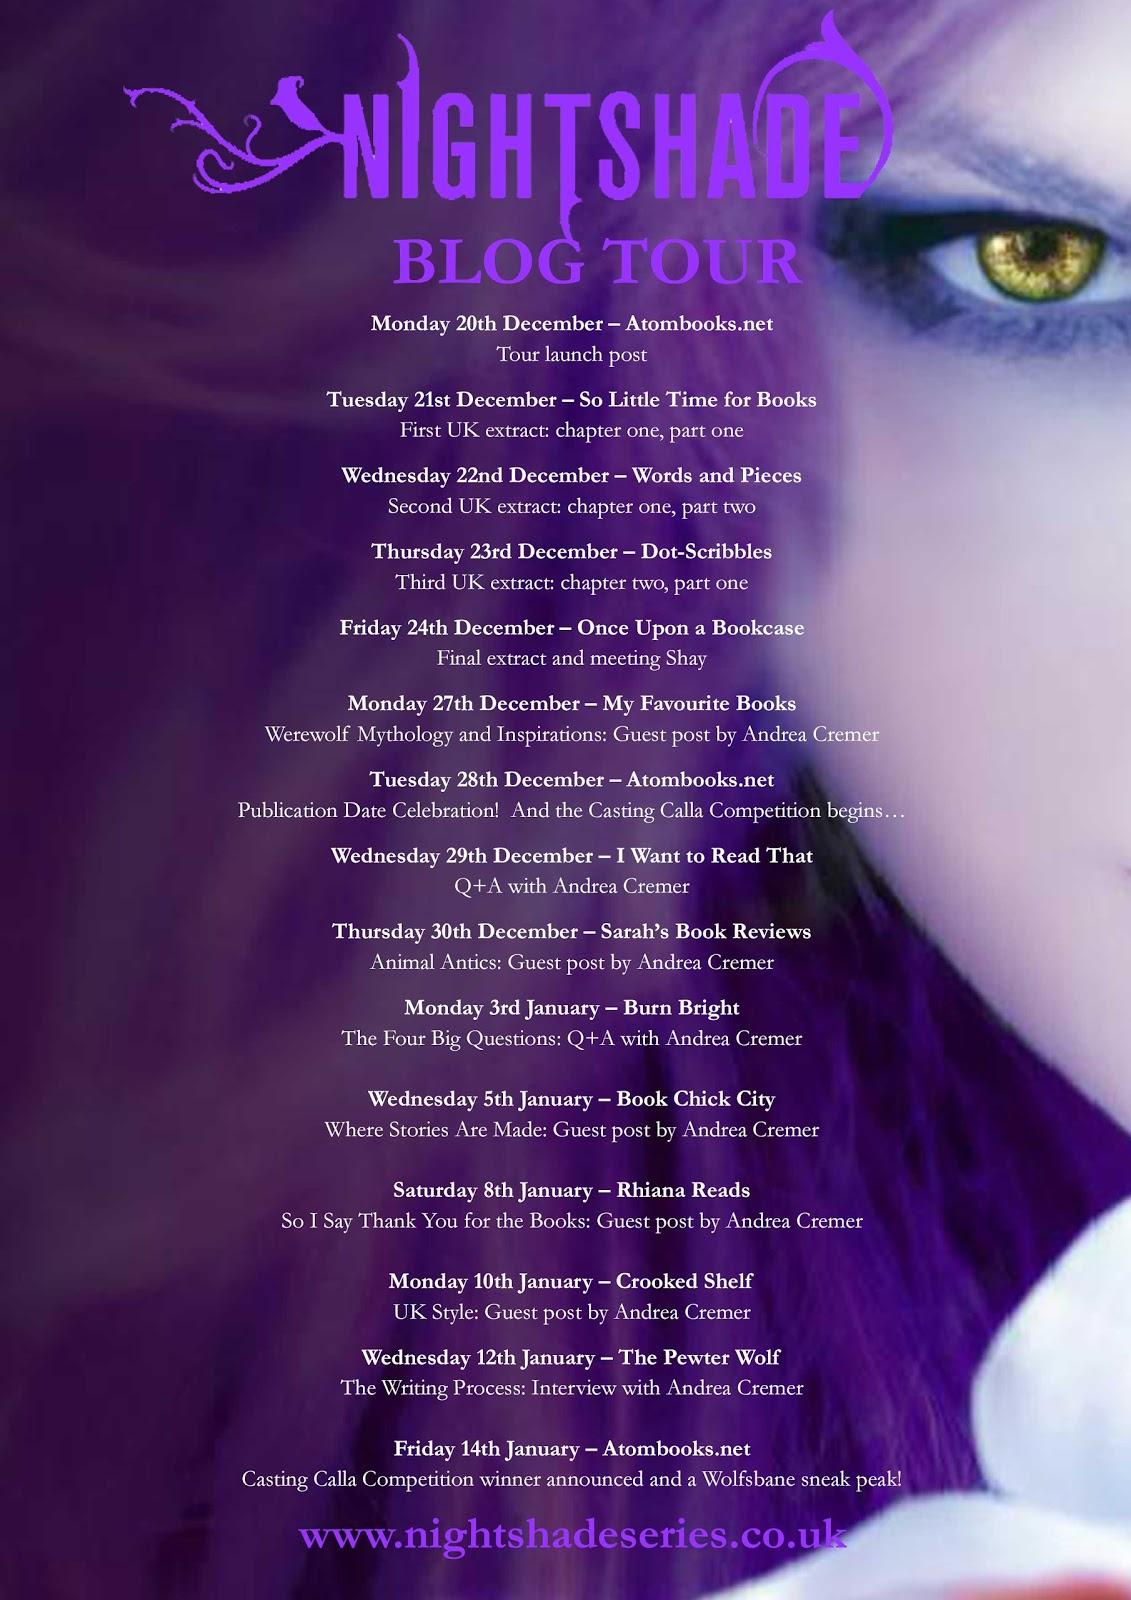 Nightshade Blog Tour Schedule